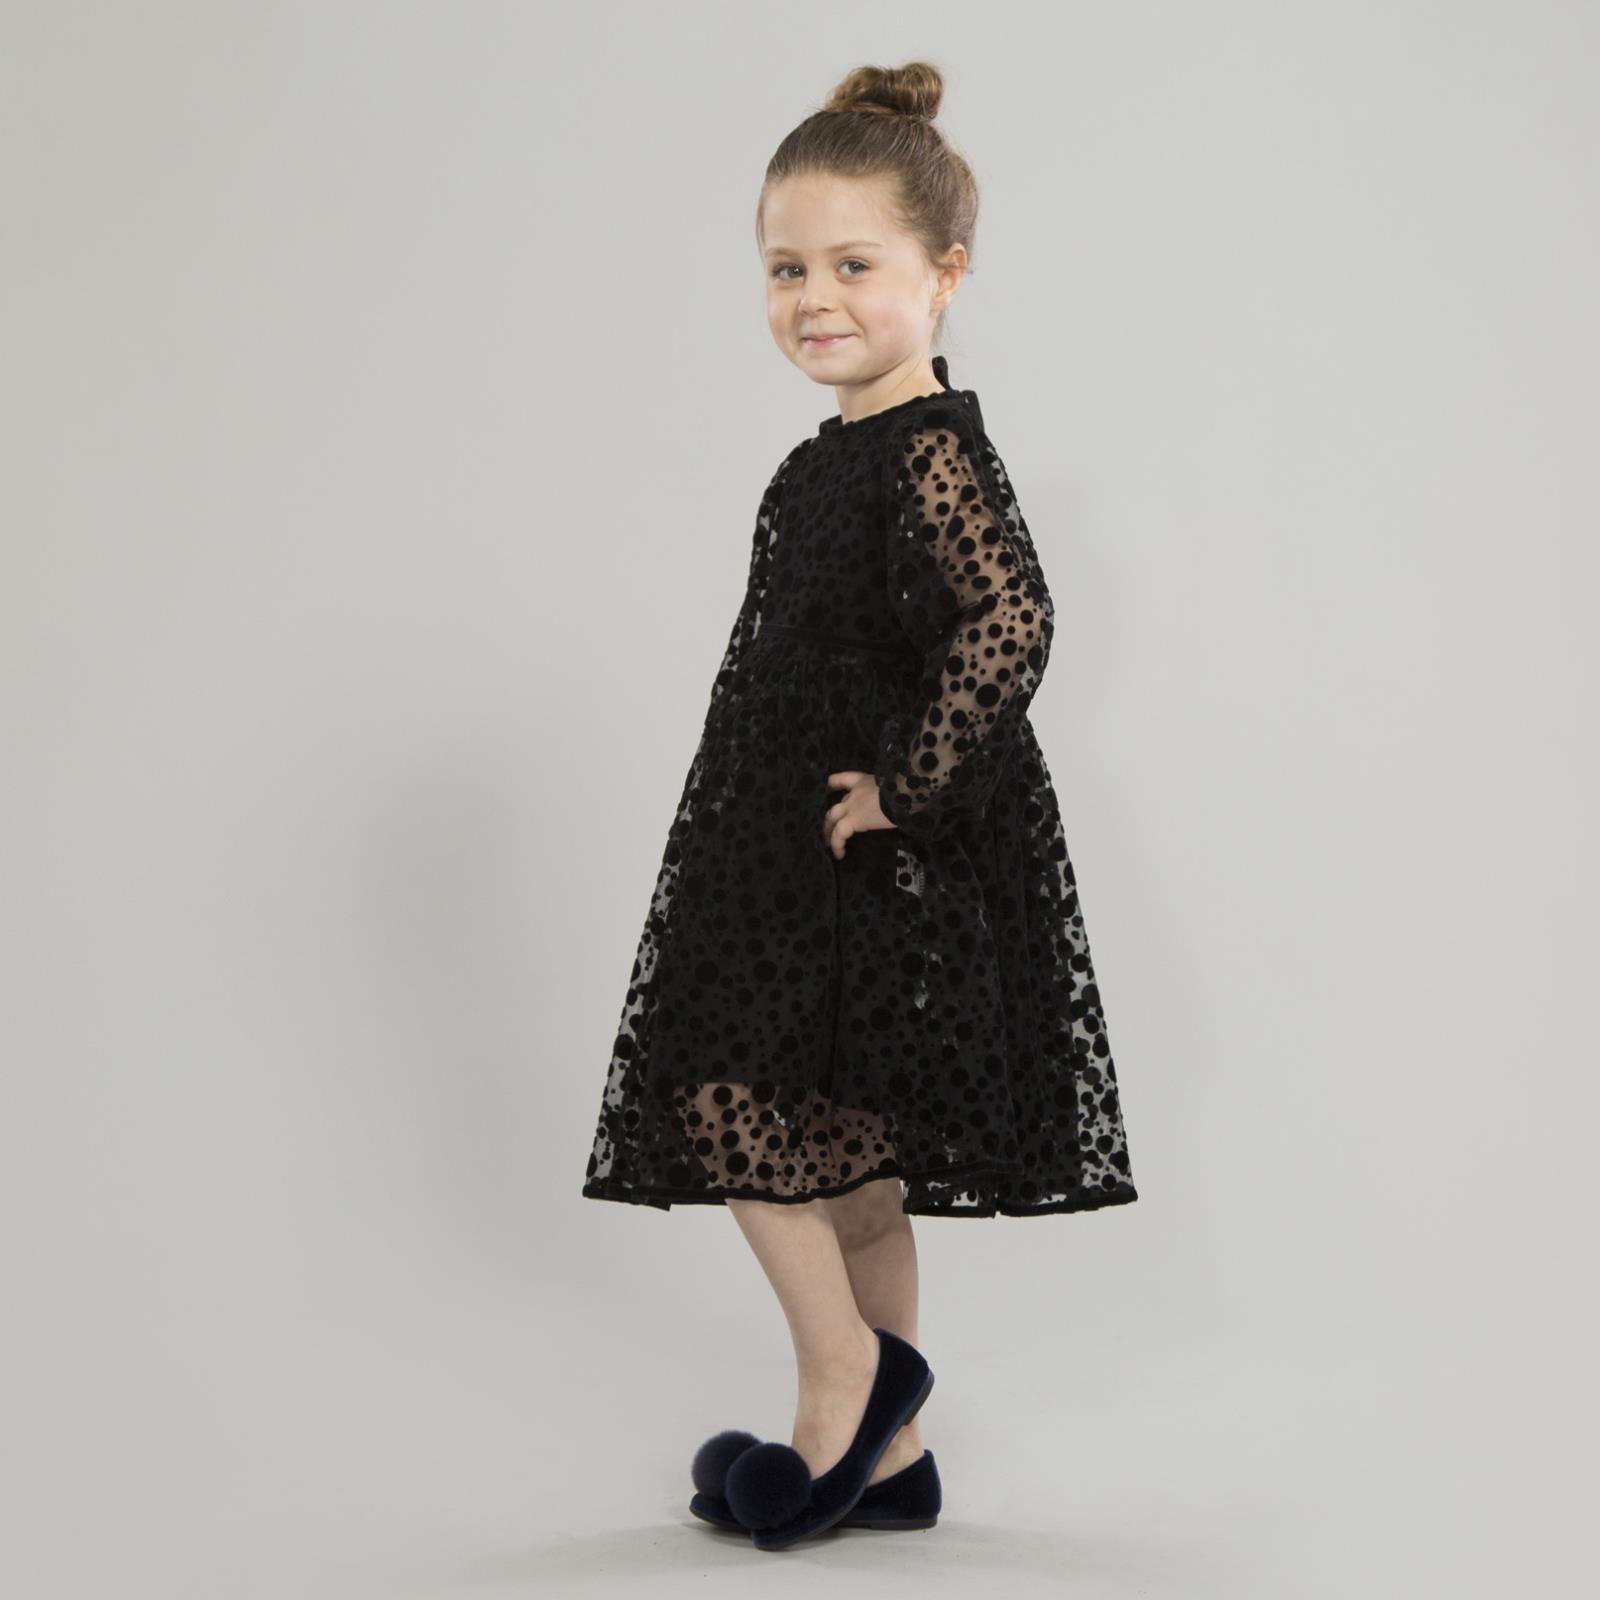 Платье детские Wuzazu  модель 7OQ~96415-2 отзывы, 2017